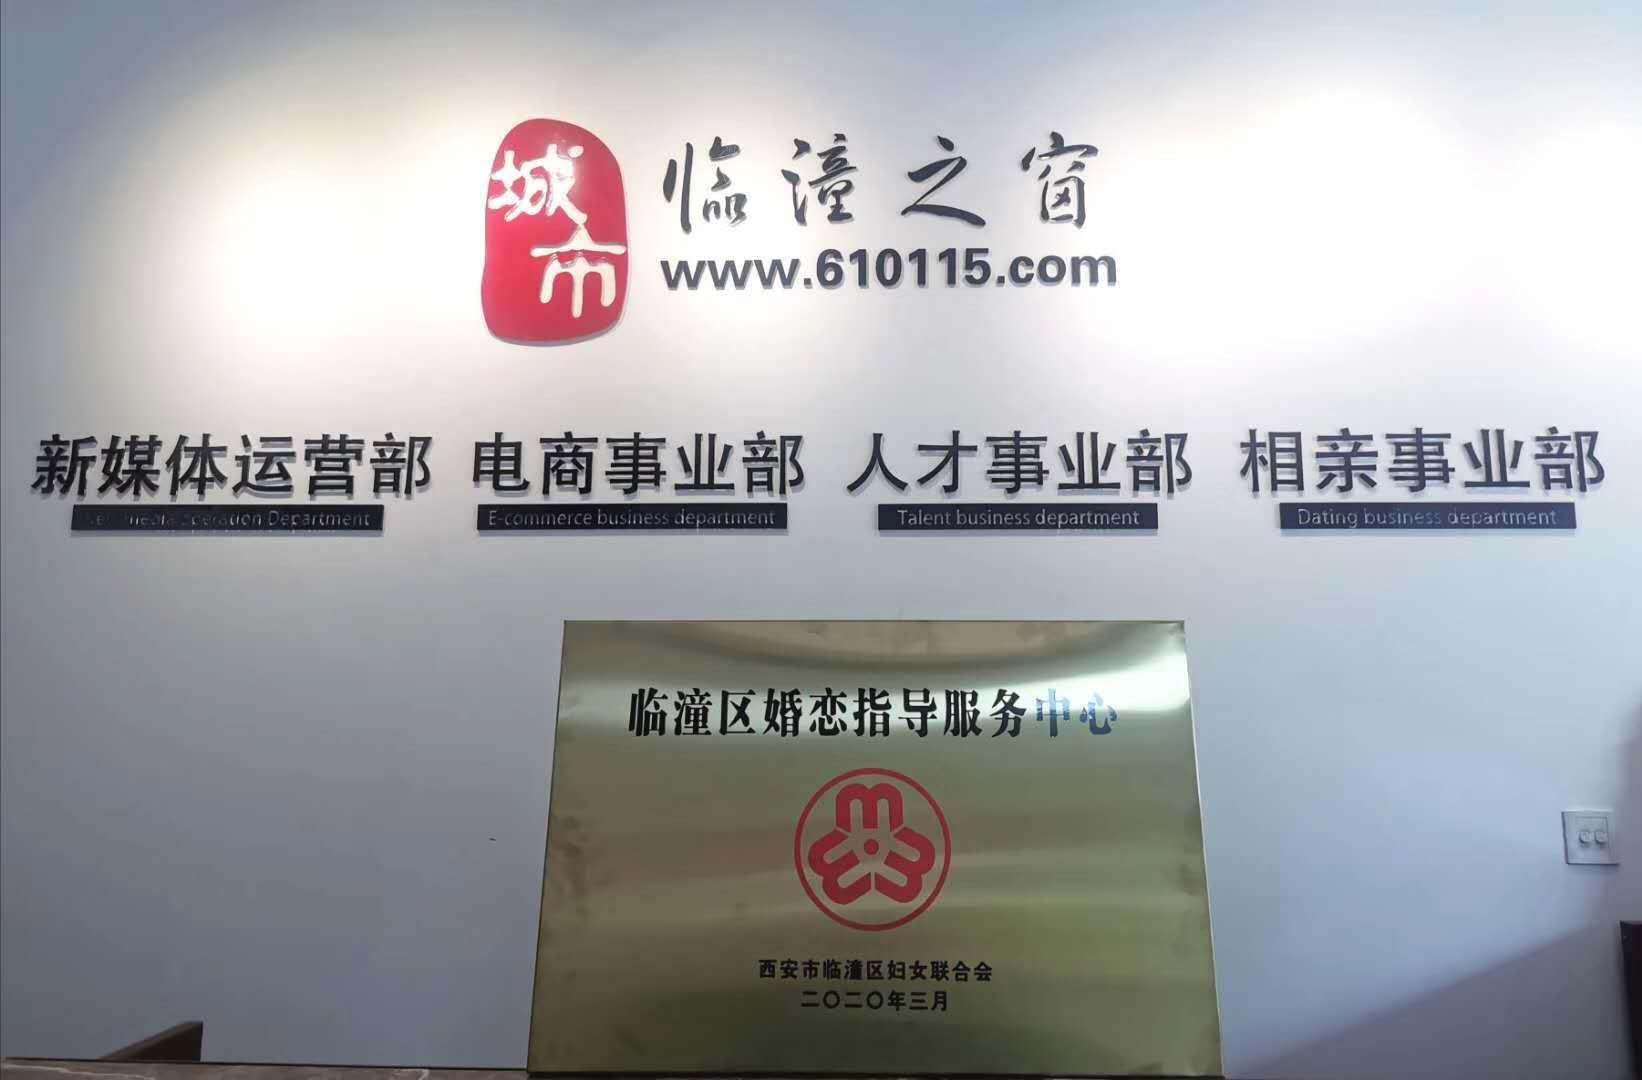 妇联评临潼之窗相亲部为临潼区婚恋指导服务...